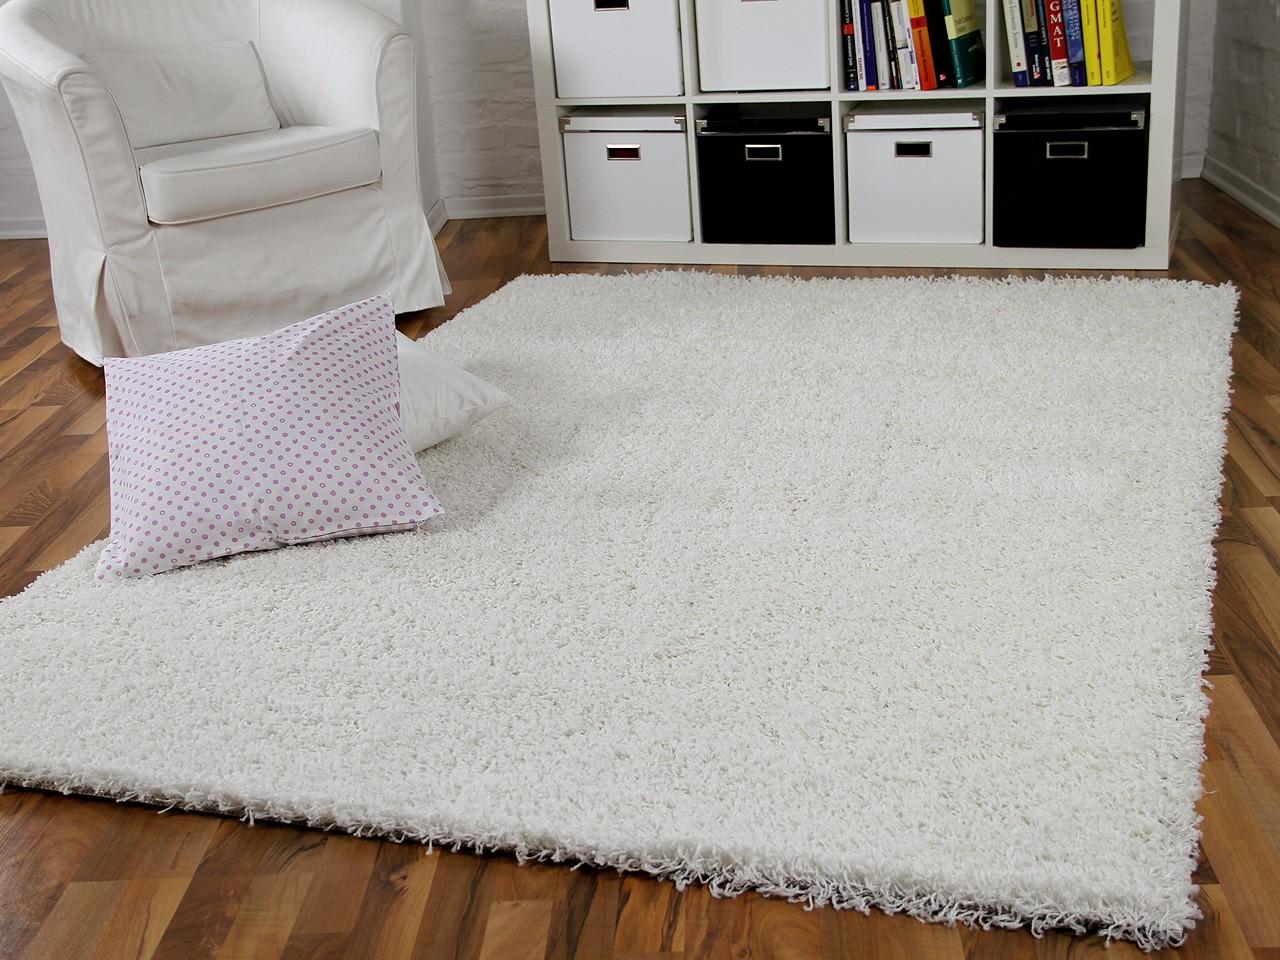 Langflor Teppich Weiß : hochflor langflor shaggy teppich aloha wei teppiche hochflor langflor teppiche wei creme und ~ Frokenaadalensverden.com Haus und Dekorationen